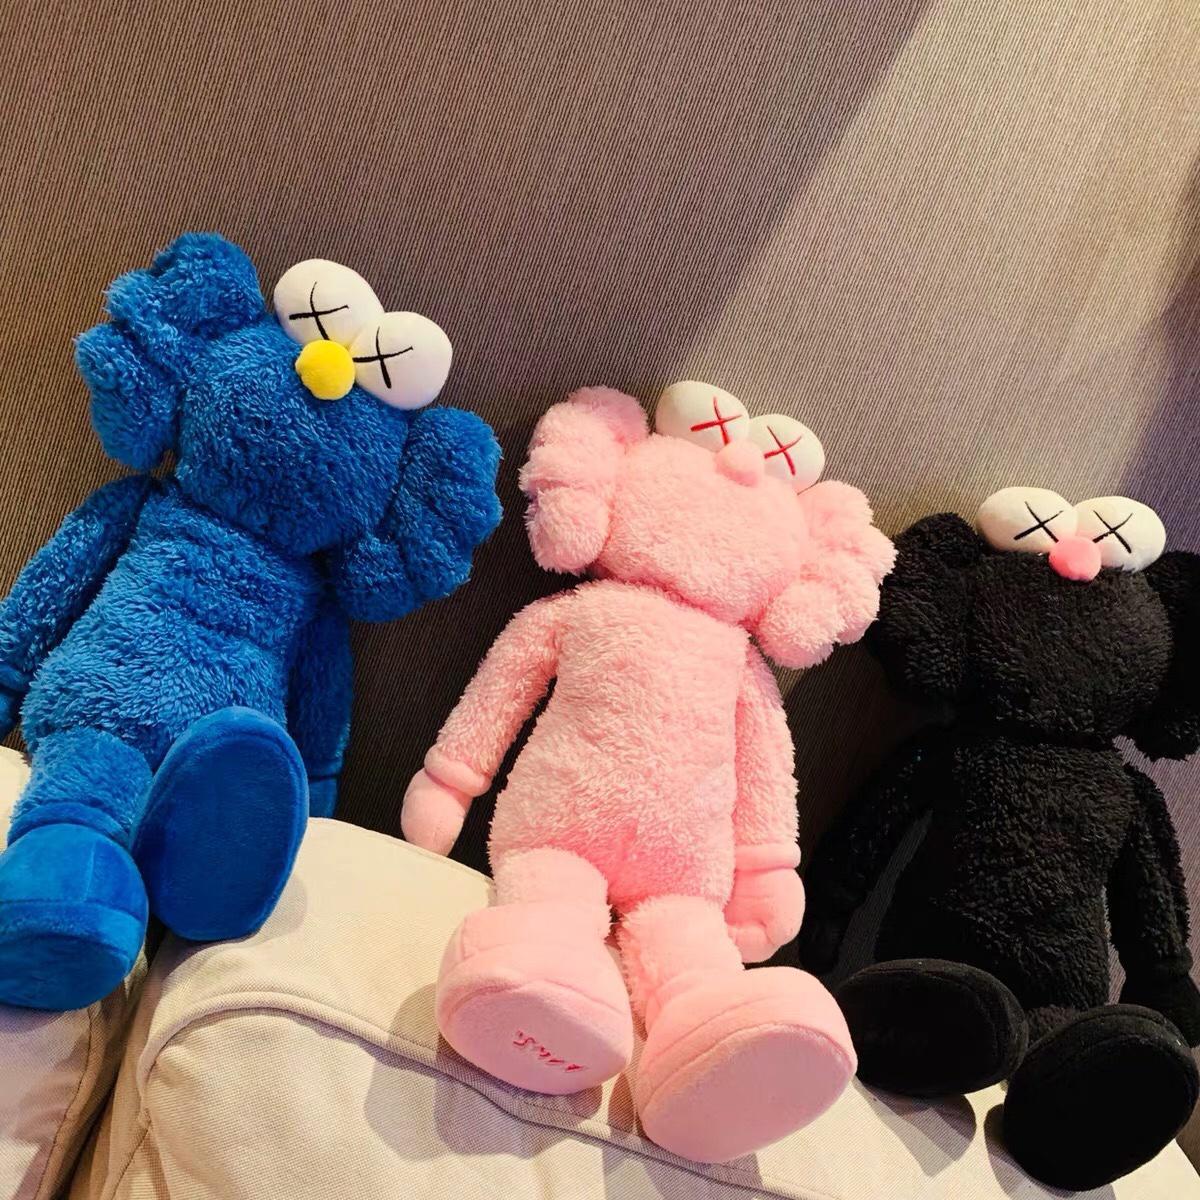 ??40!尺寸:高50、宽24 颜色:粉红色 黑色 蓝色 KAWS芝麻街玩偶